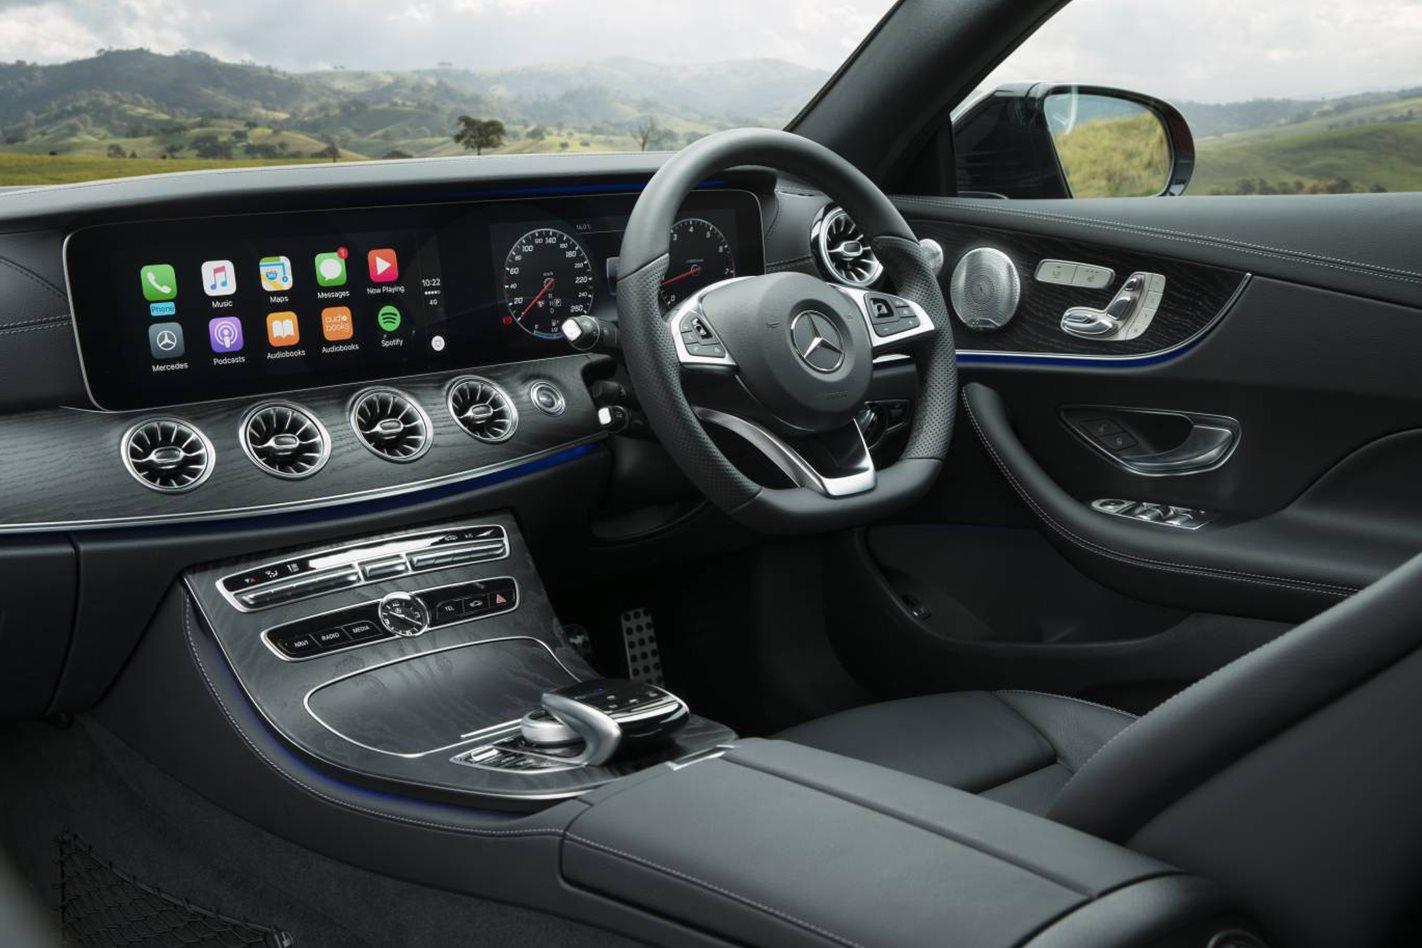 2017-Mercedes-Benz-E400-Coupe-interior.jpg